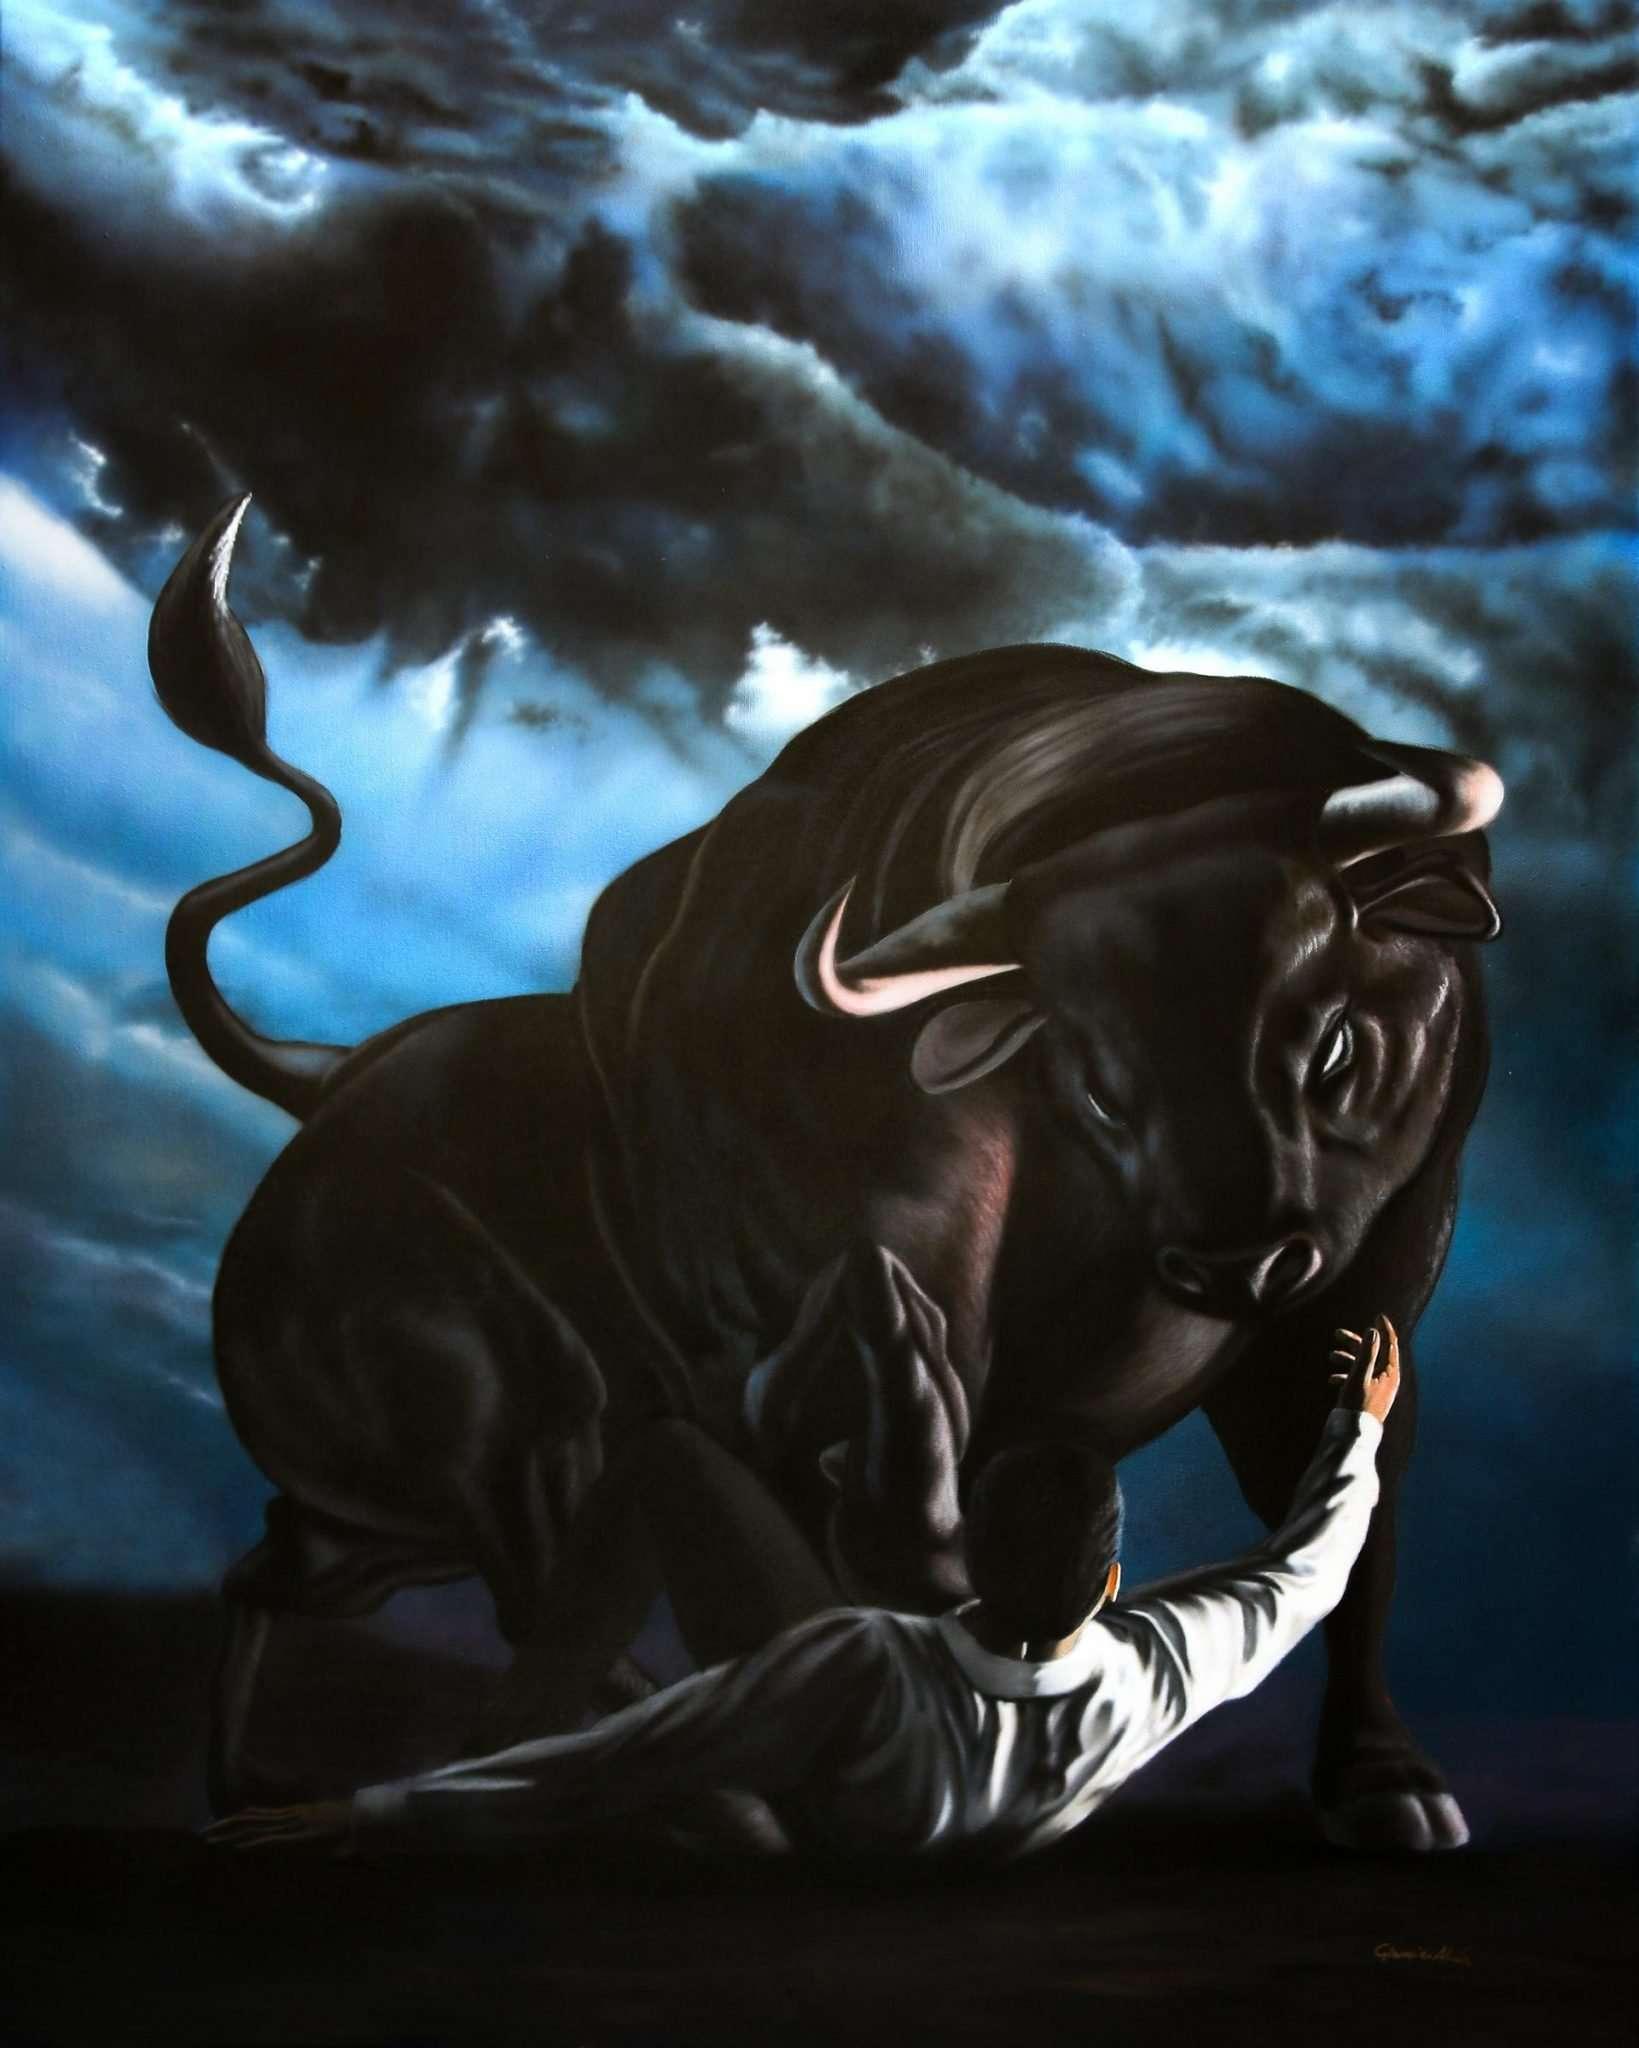 Tauromachia Inversa (la Visione) - Acrilico su tela 80x100 cm - 2018 - Giampiero Abate